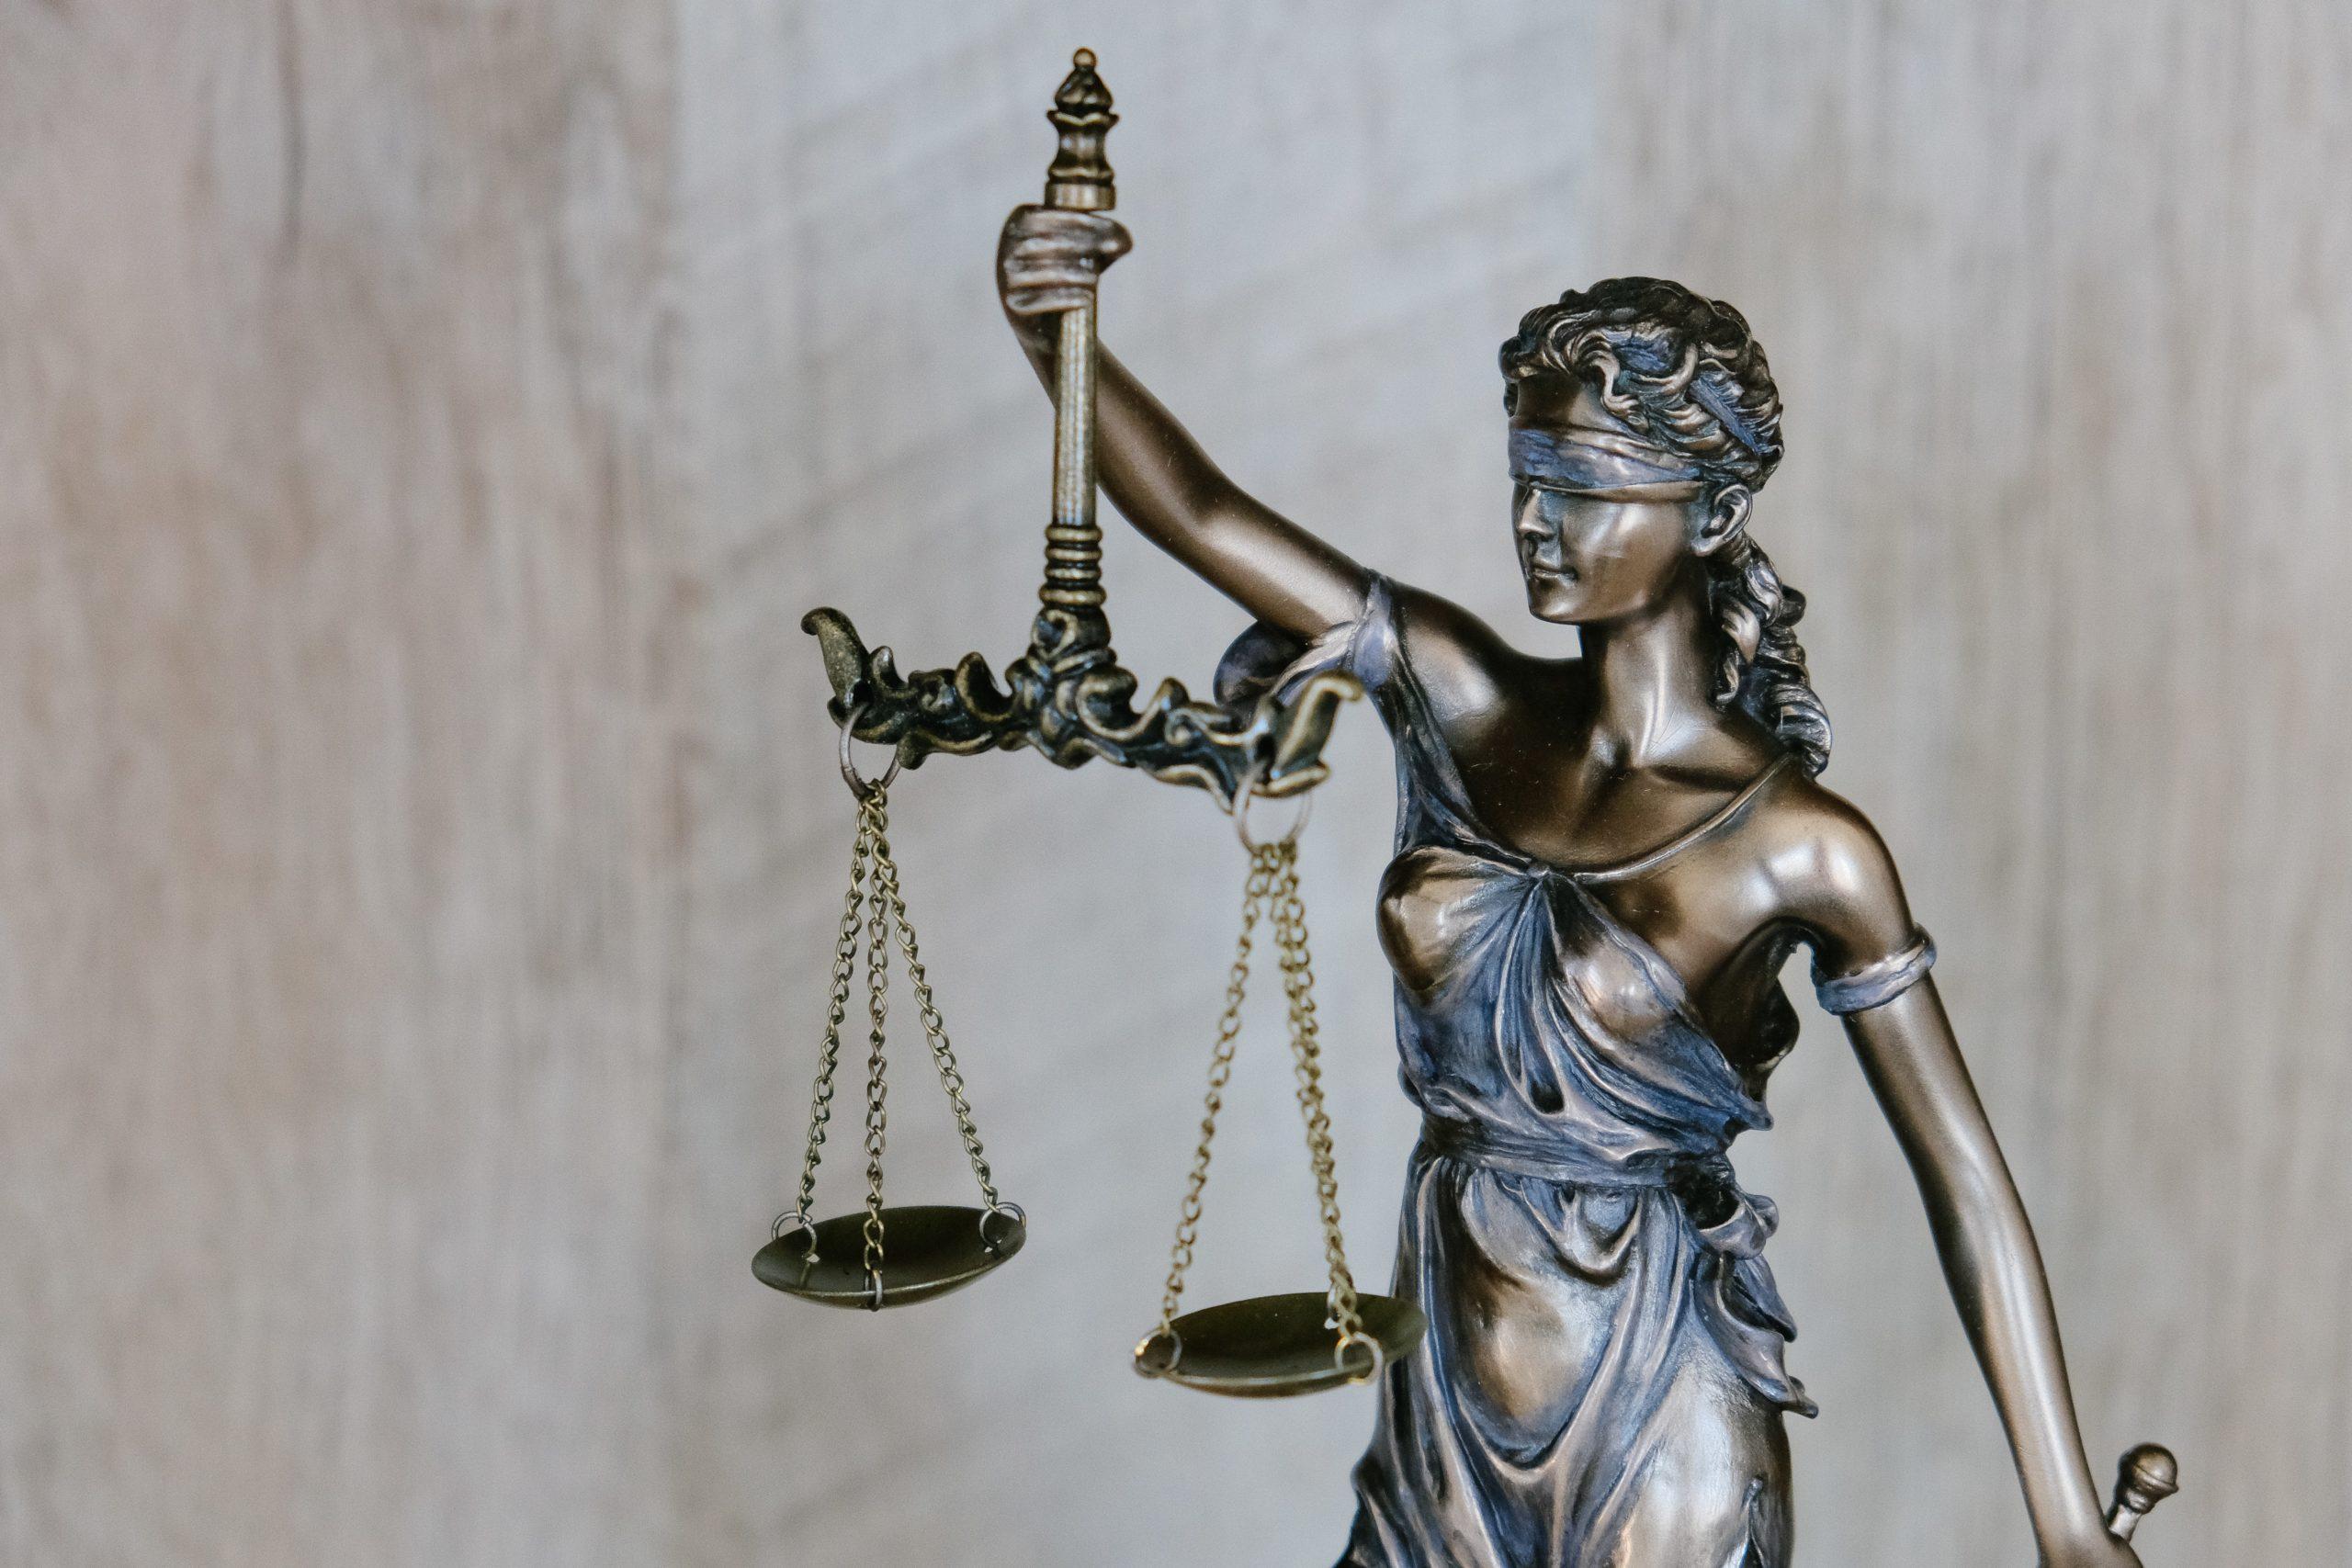 Порядок госрегистрации объектов интеллектуальных прав и их получения будет изменен